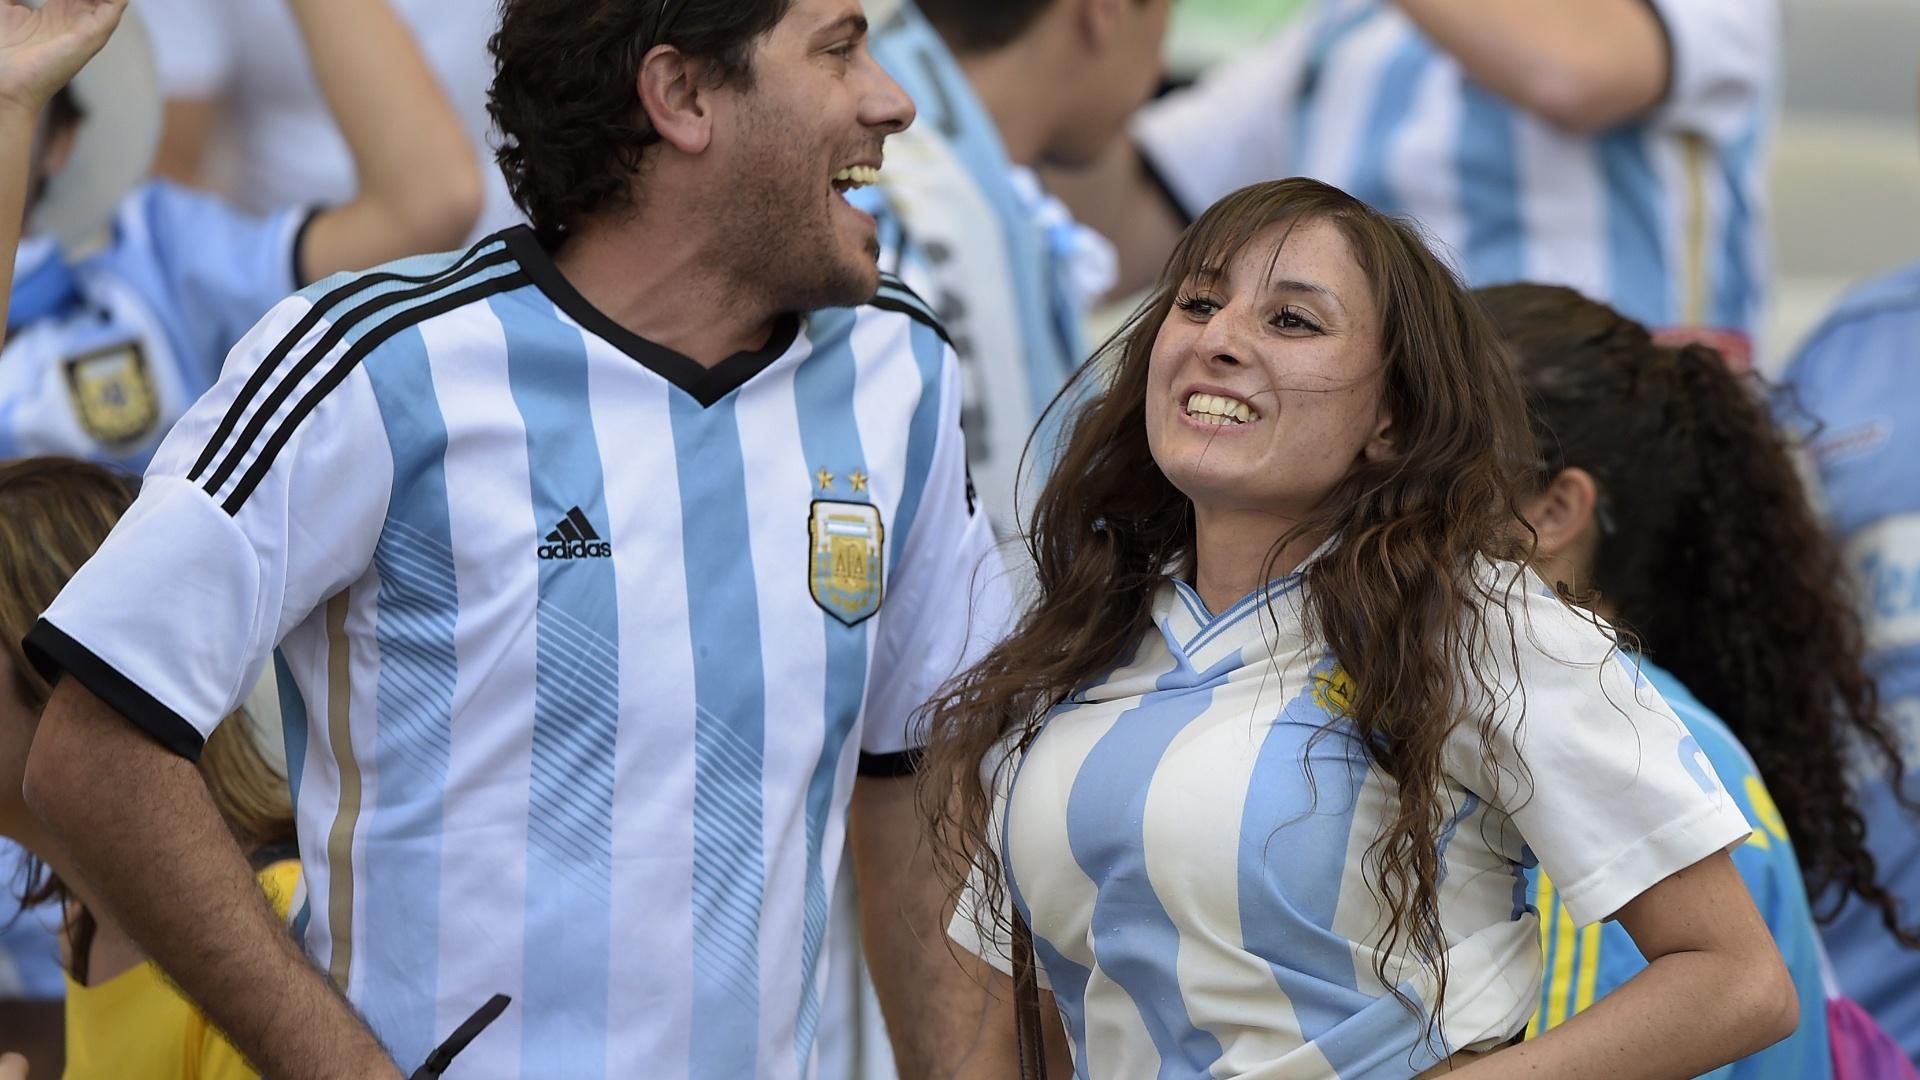 Torcedora argentina vibra com a vitória no último minuto em cima do Irã